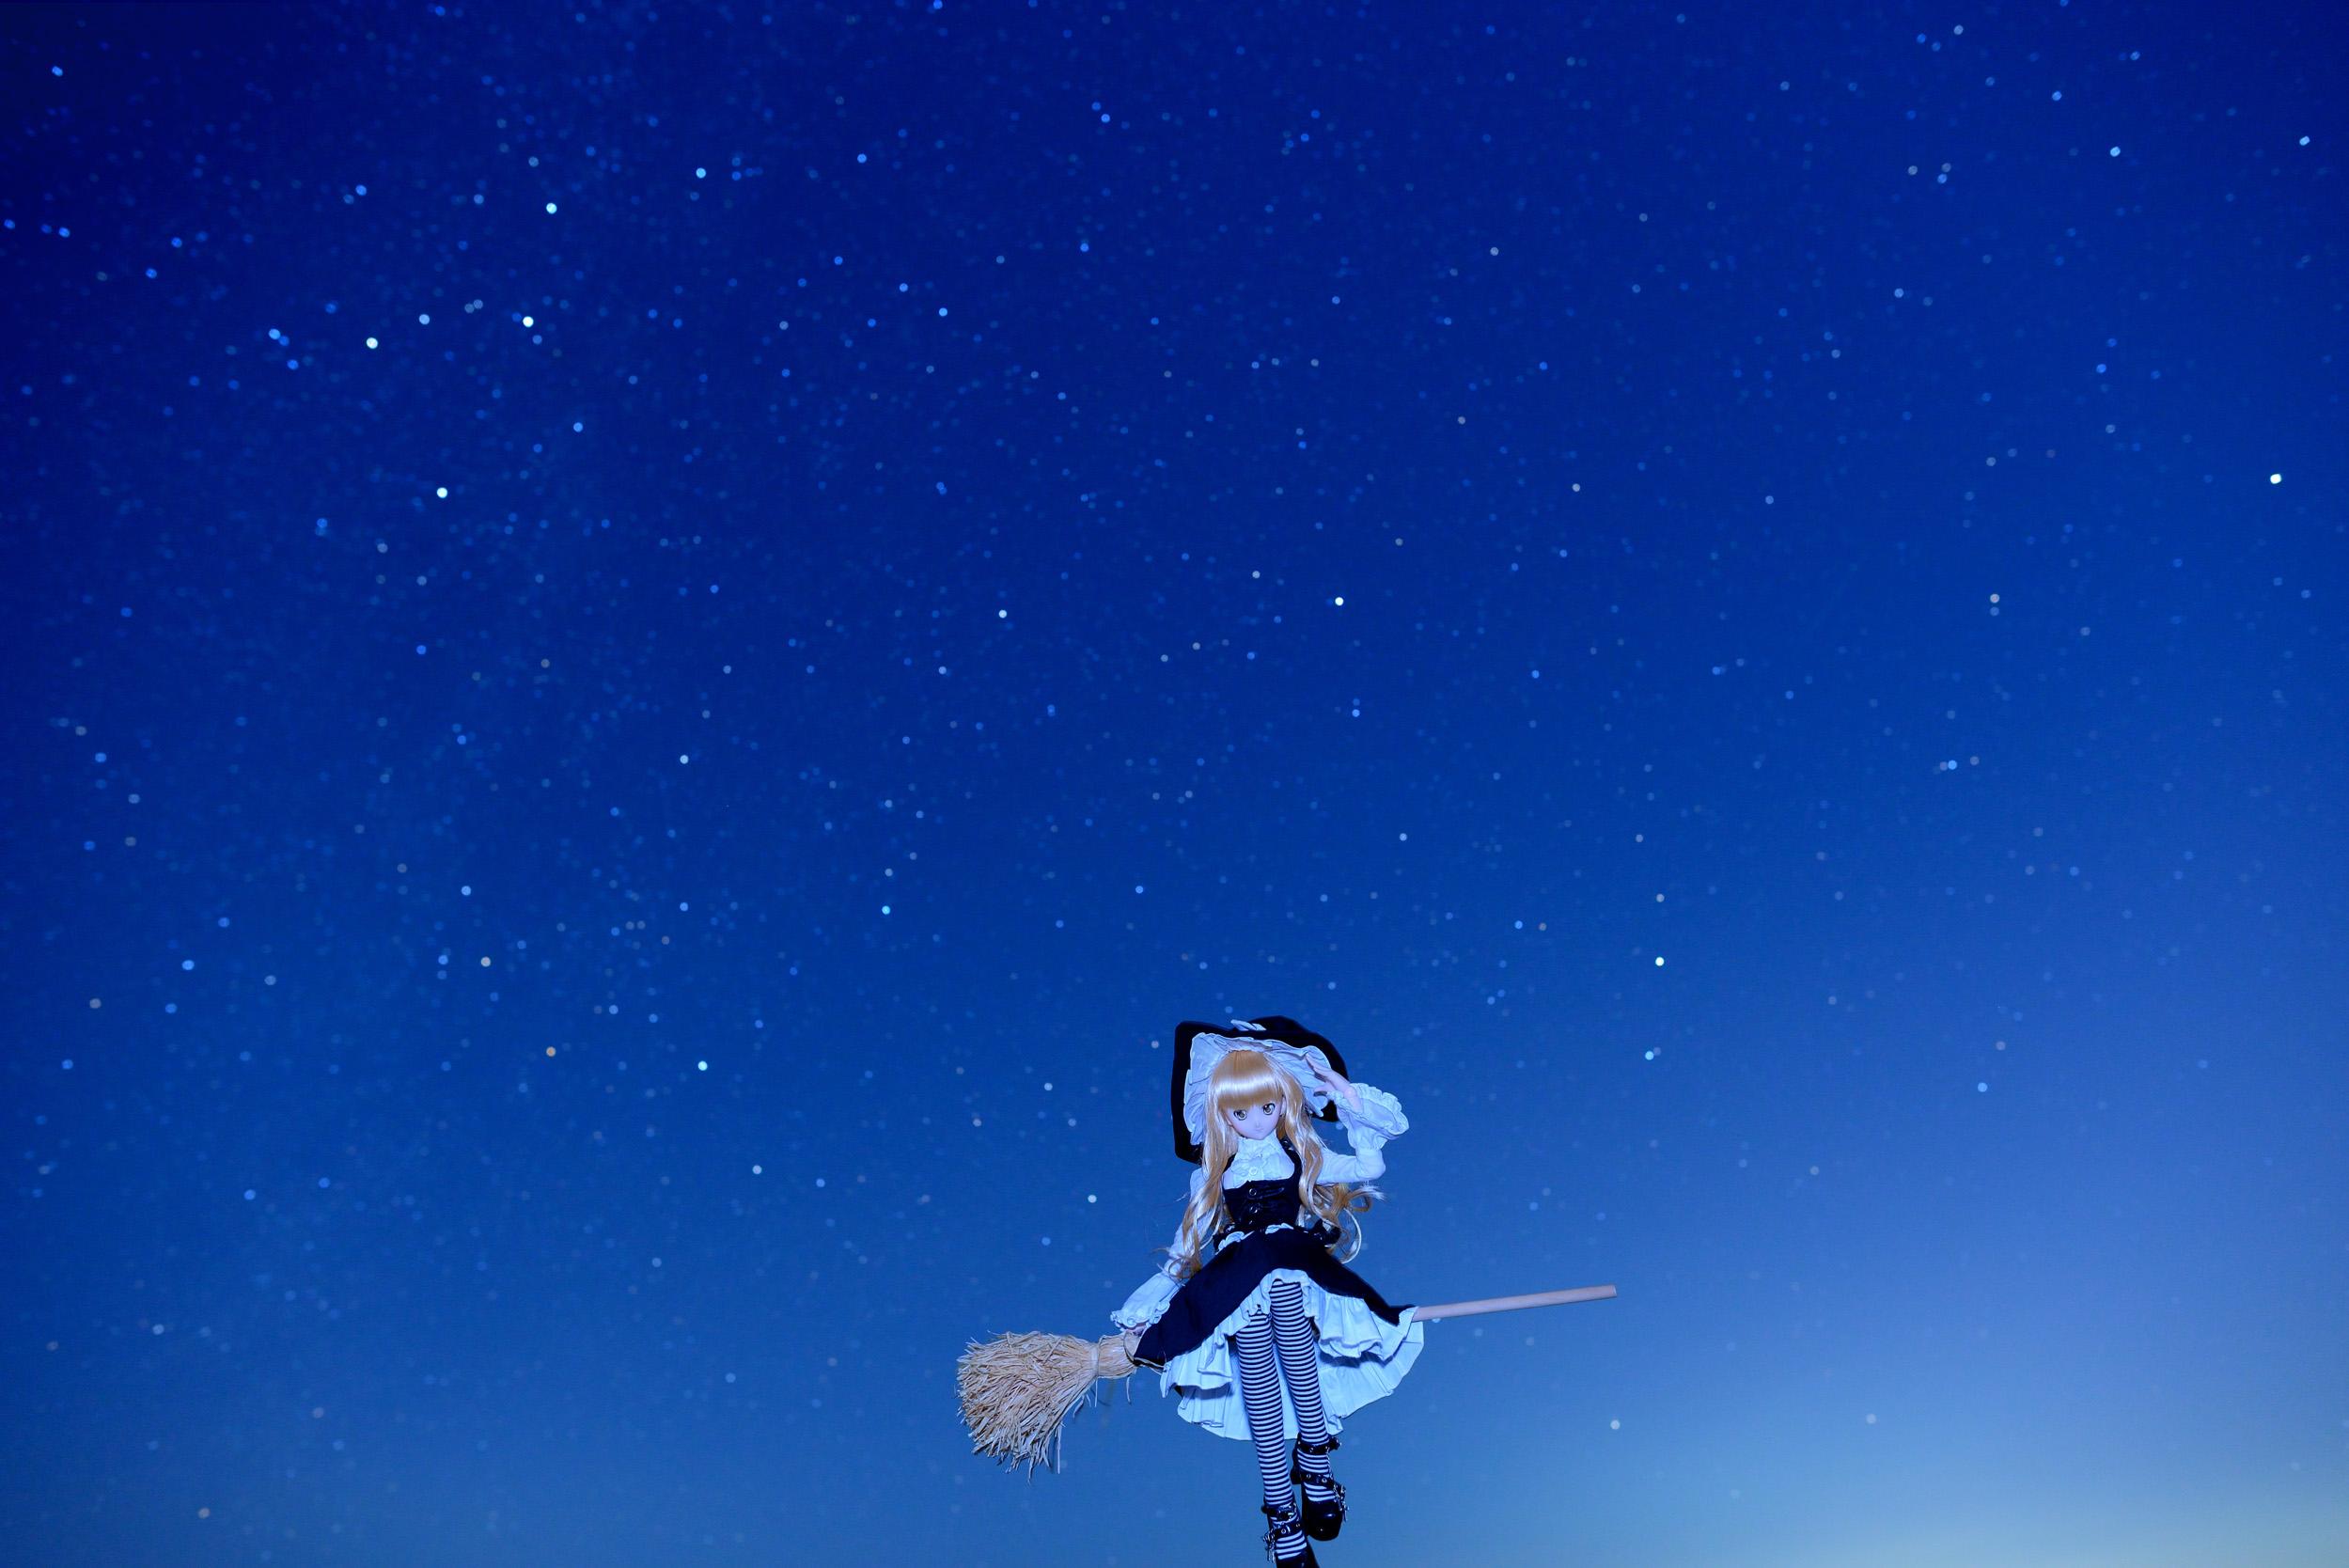 おしゃれ宇宙人blog 【ドール撮影】 秋の空だし星空を撮ってみよう